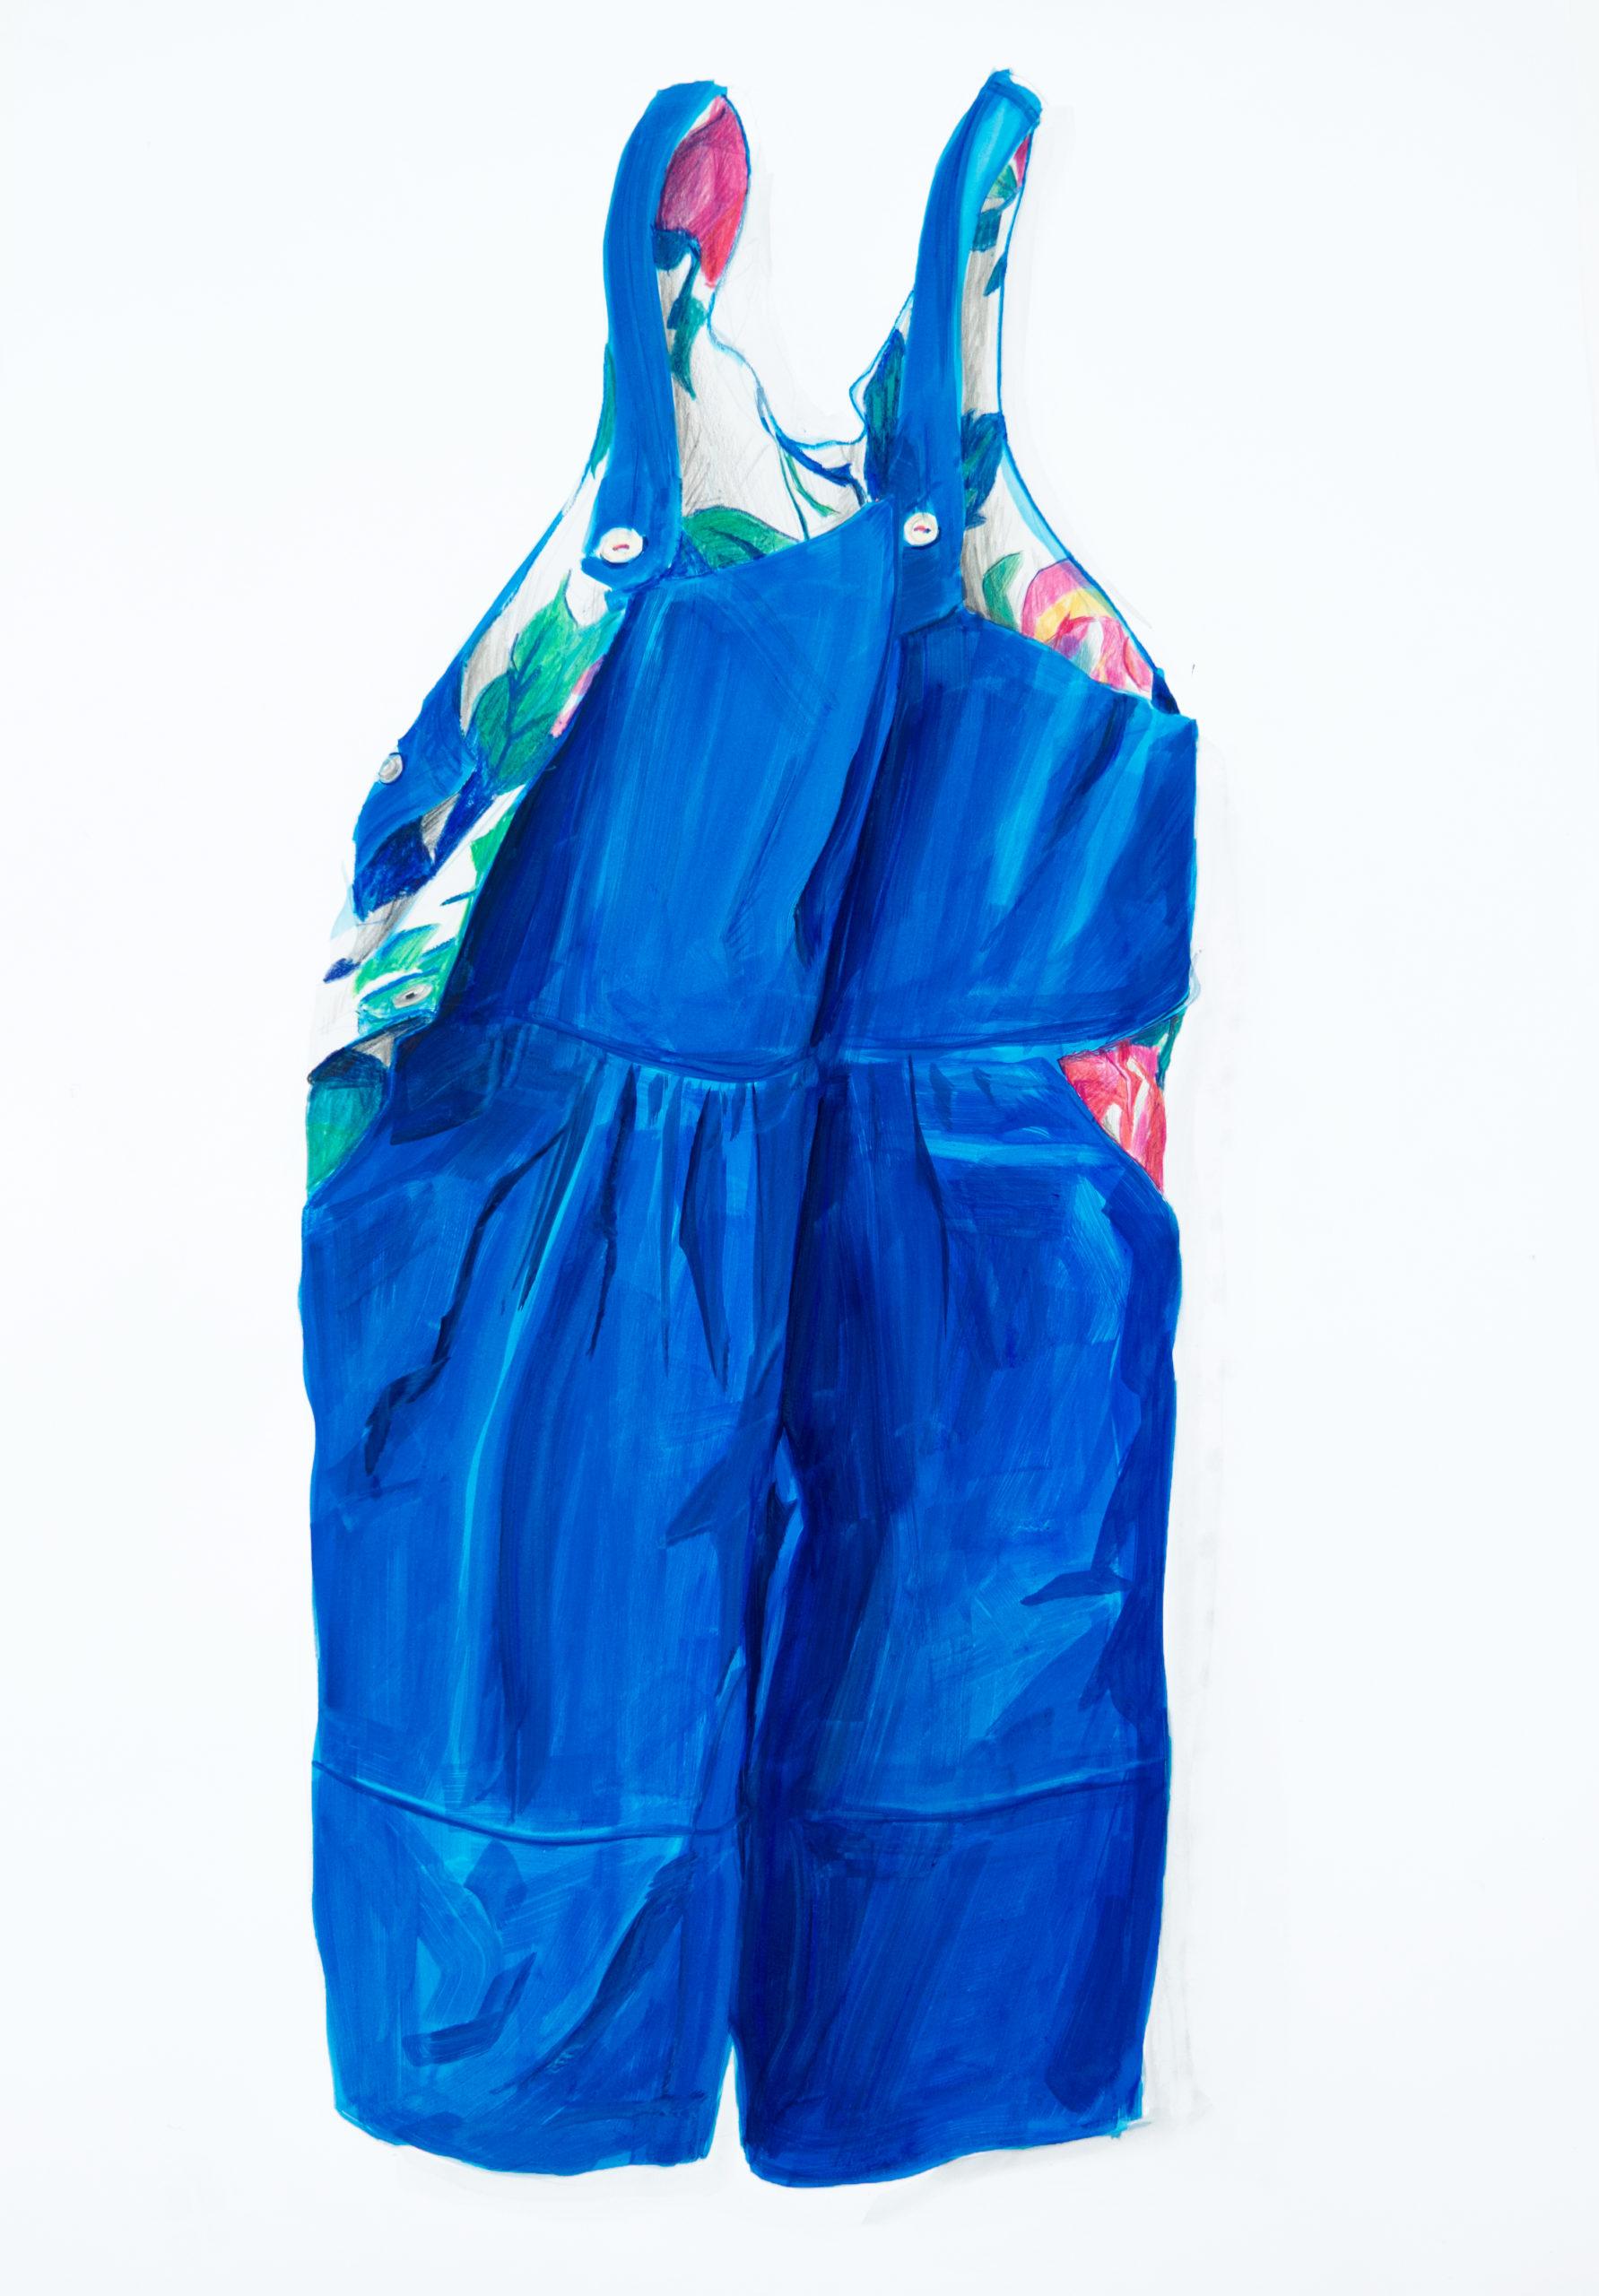 Britt Dorenbosch Mijn kleurenleer tuinbroek broek blauw